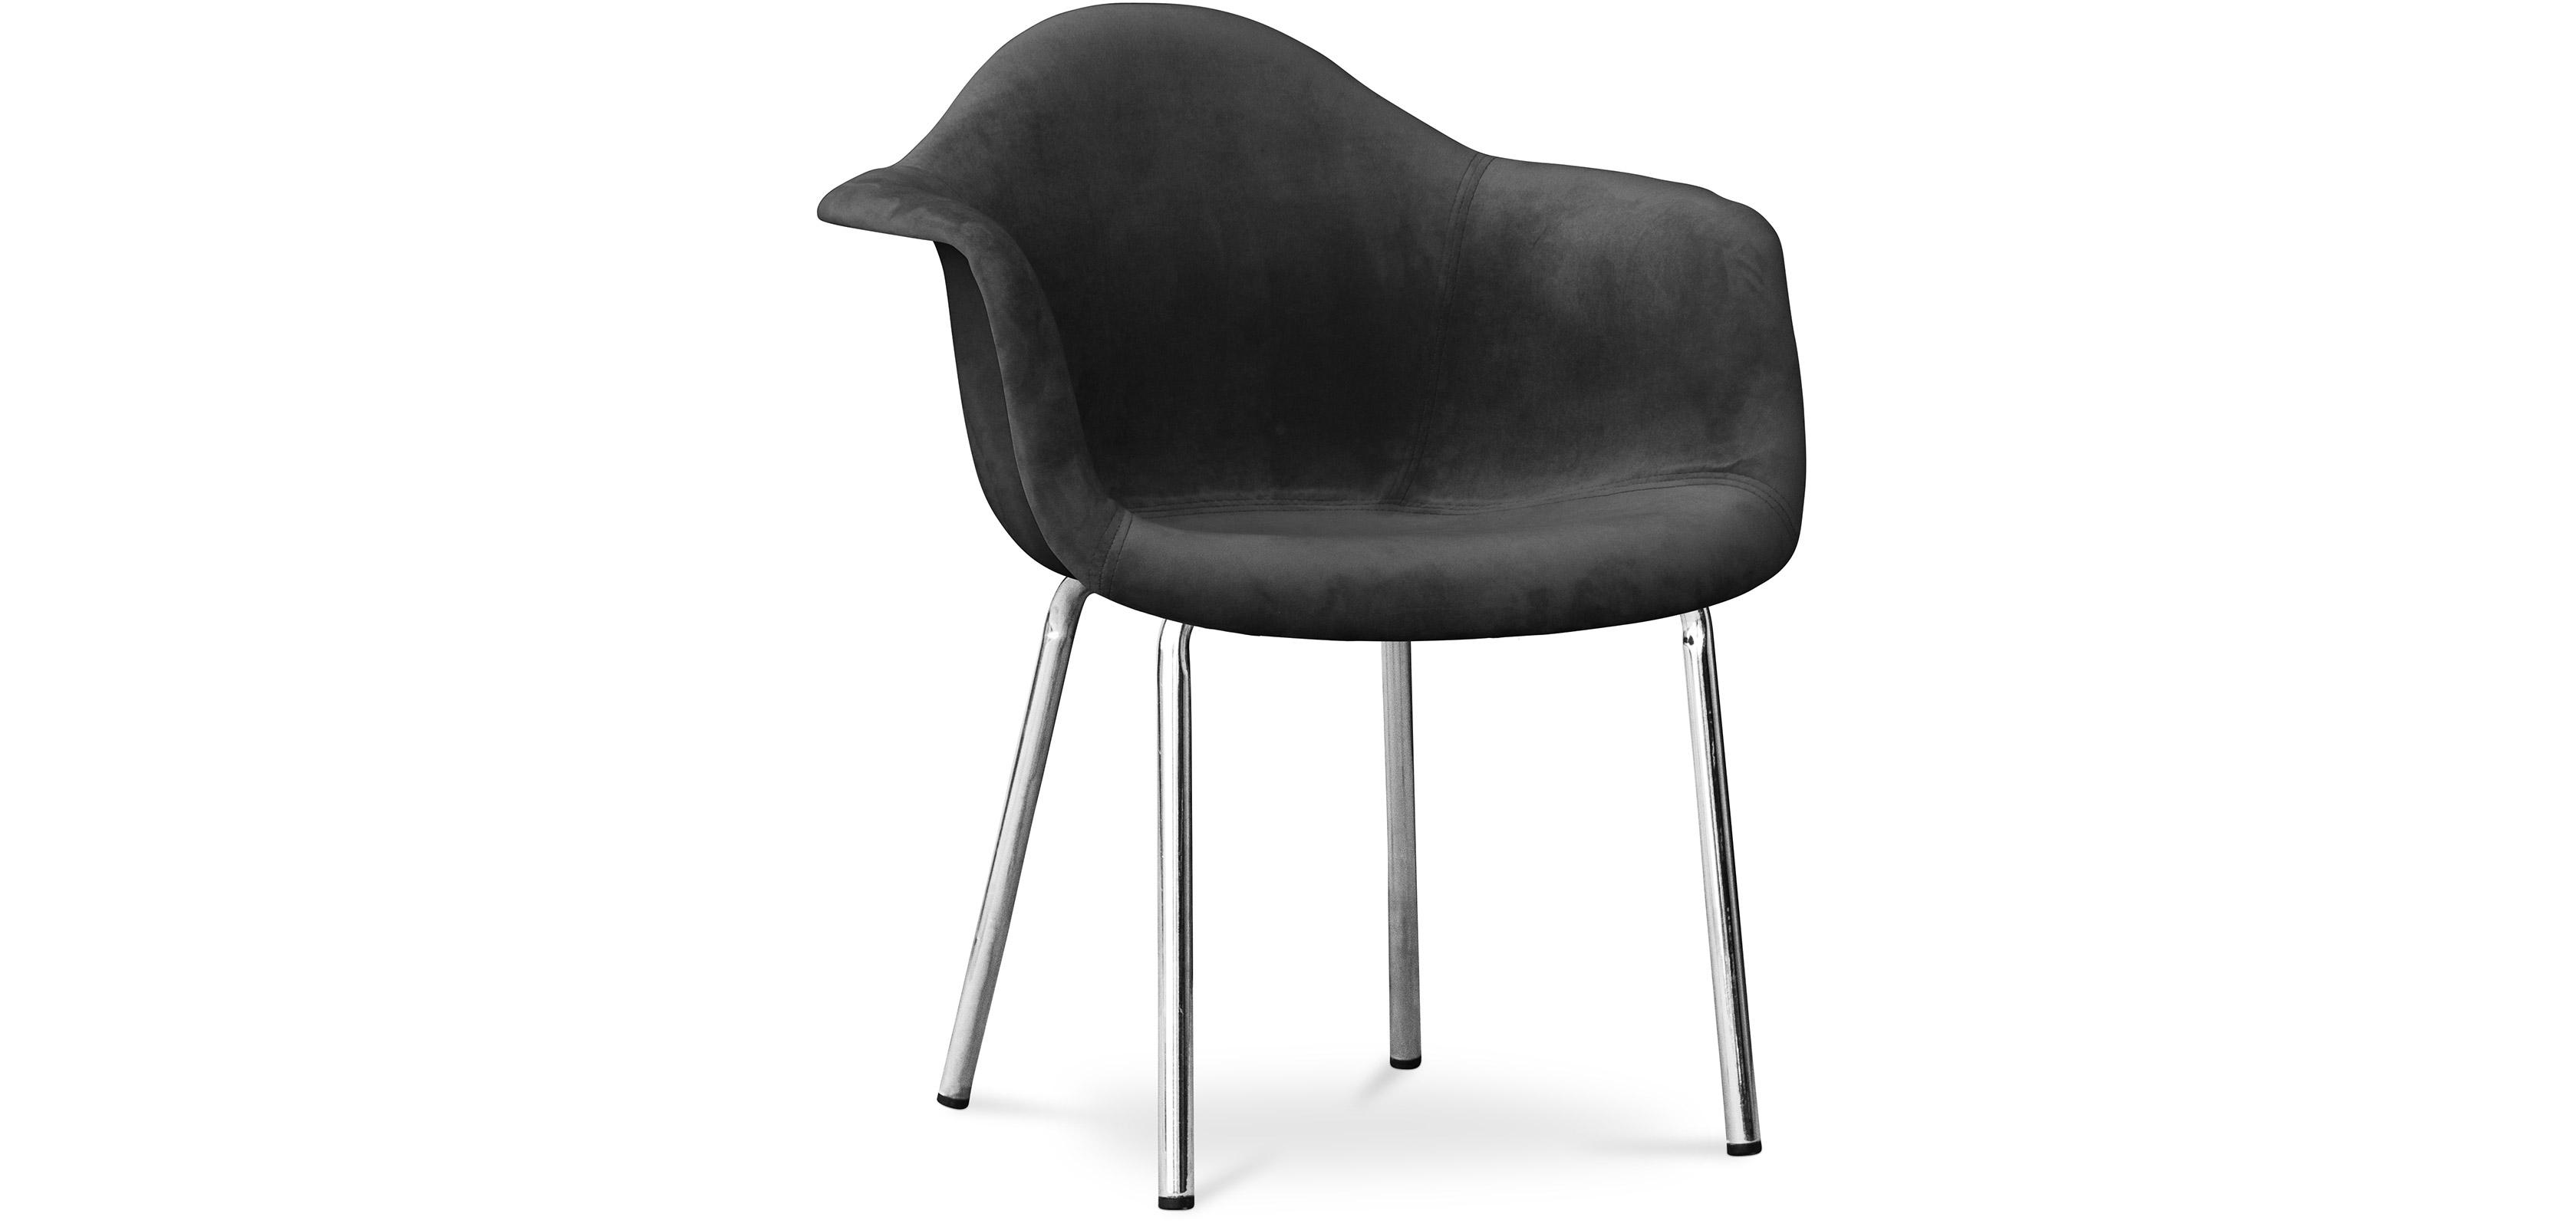 dsw charles eames stuhl stoff style. Black Bedroom Furniture Sets. Home Design Ideas